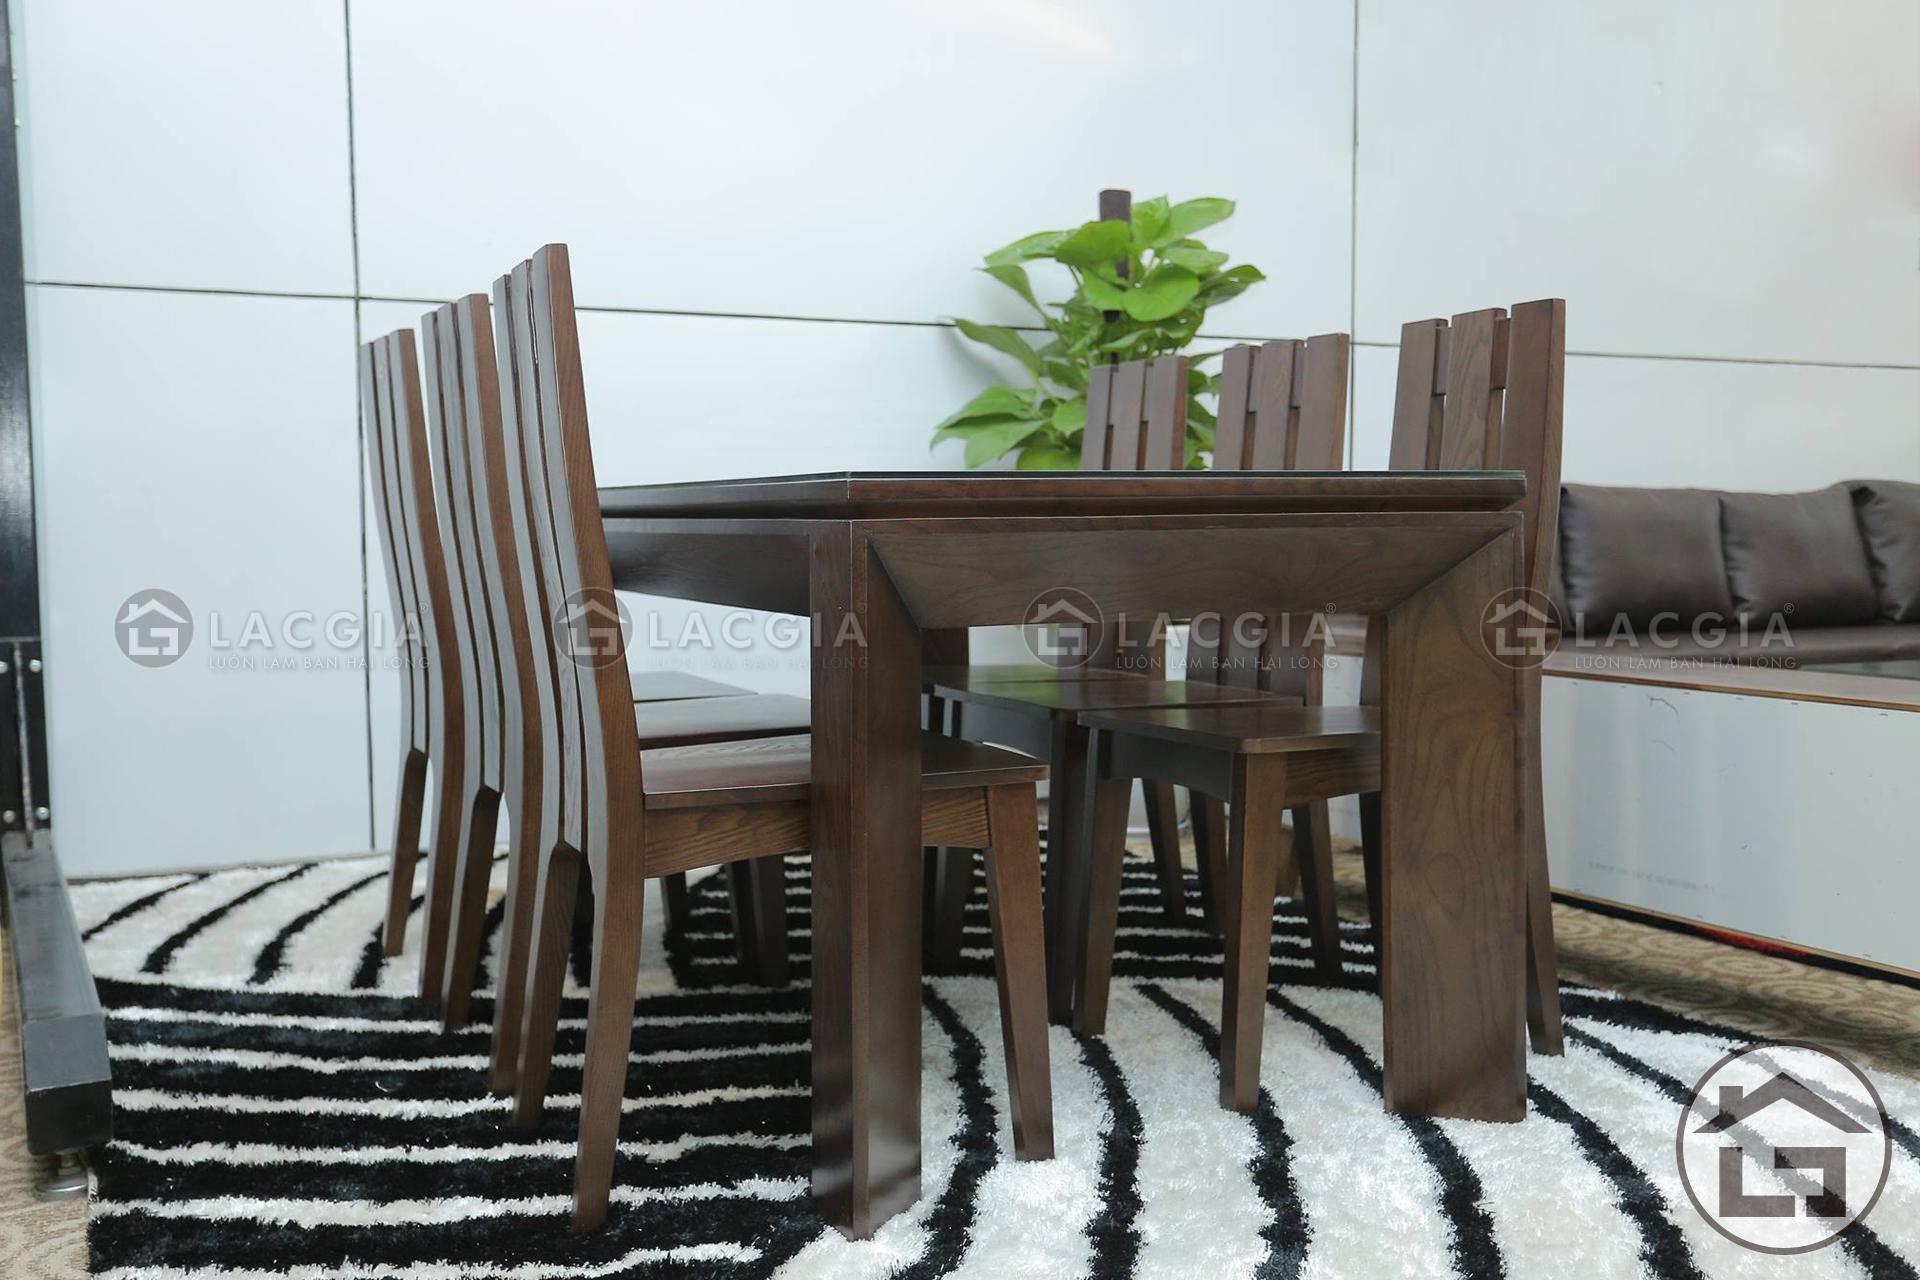 Nên chọn bàn ăn gỗ công nghiệp hay bàn ăn gỗ tự nhiên cho phòng bếp - Ảnh 6